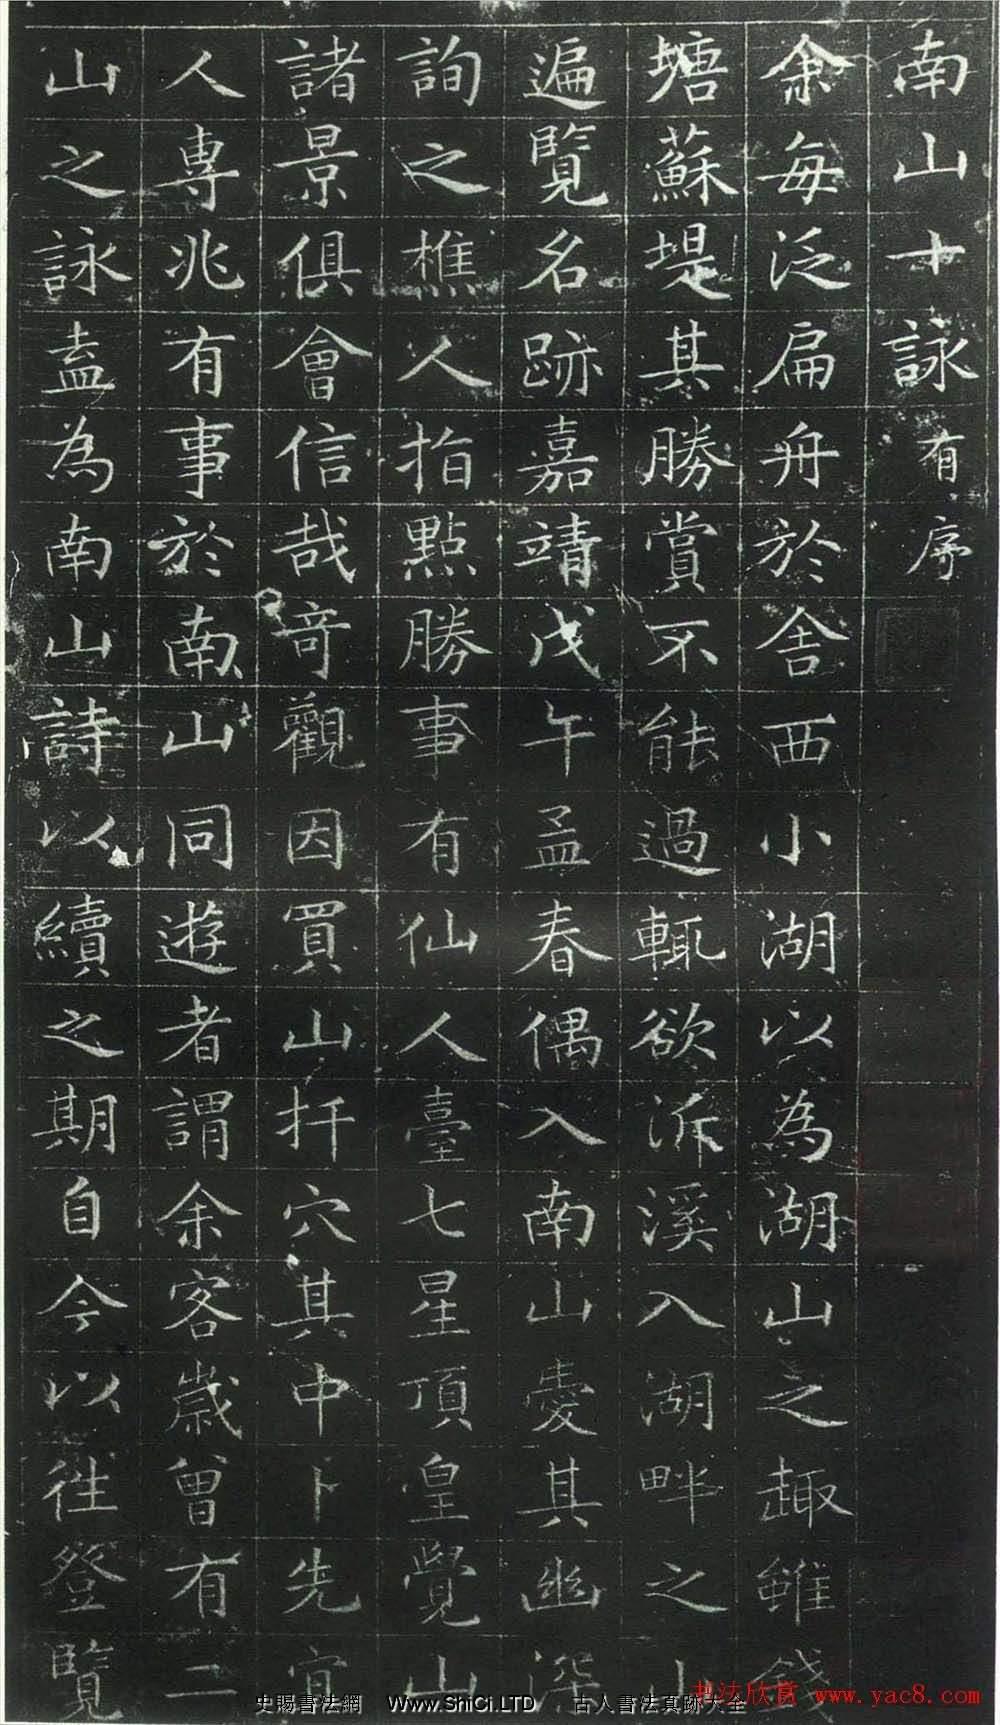 文徵明小楷書法字帖《南山十詠》(共4張圖片)